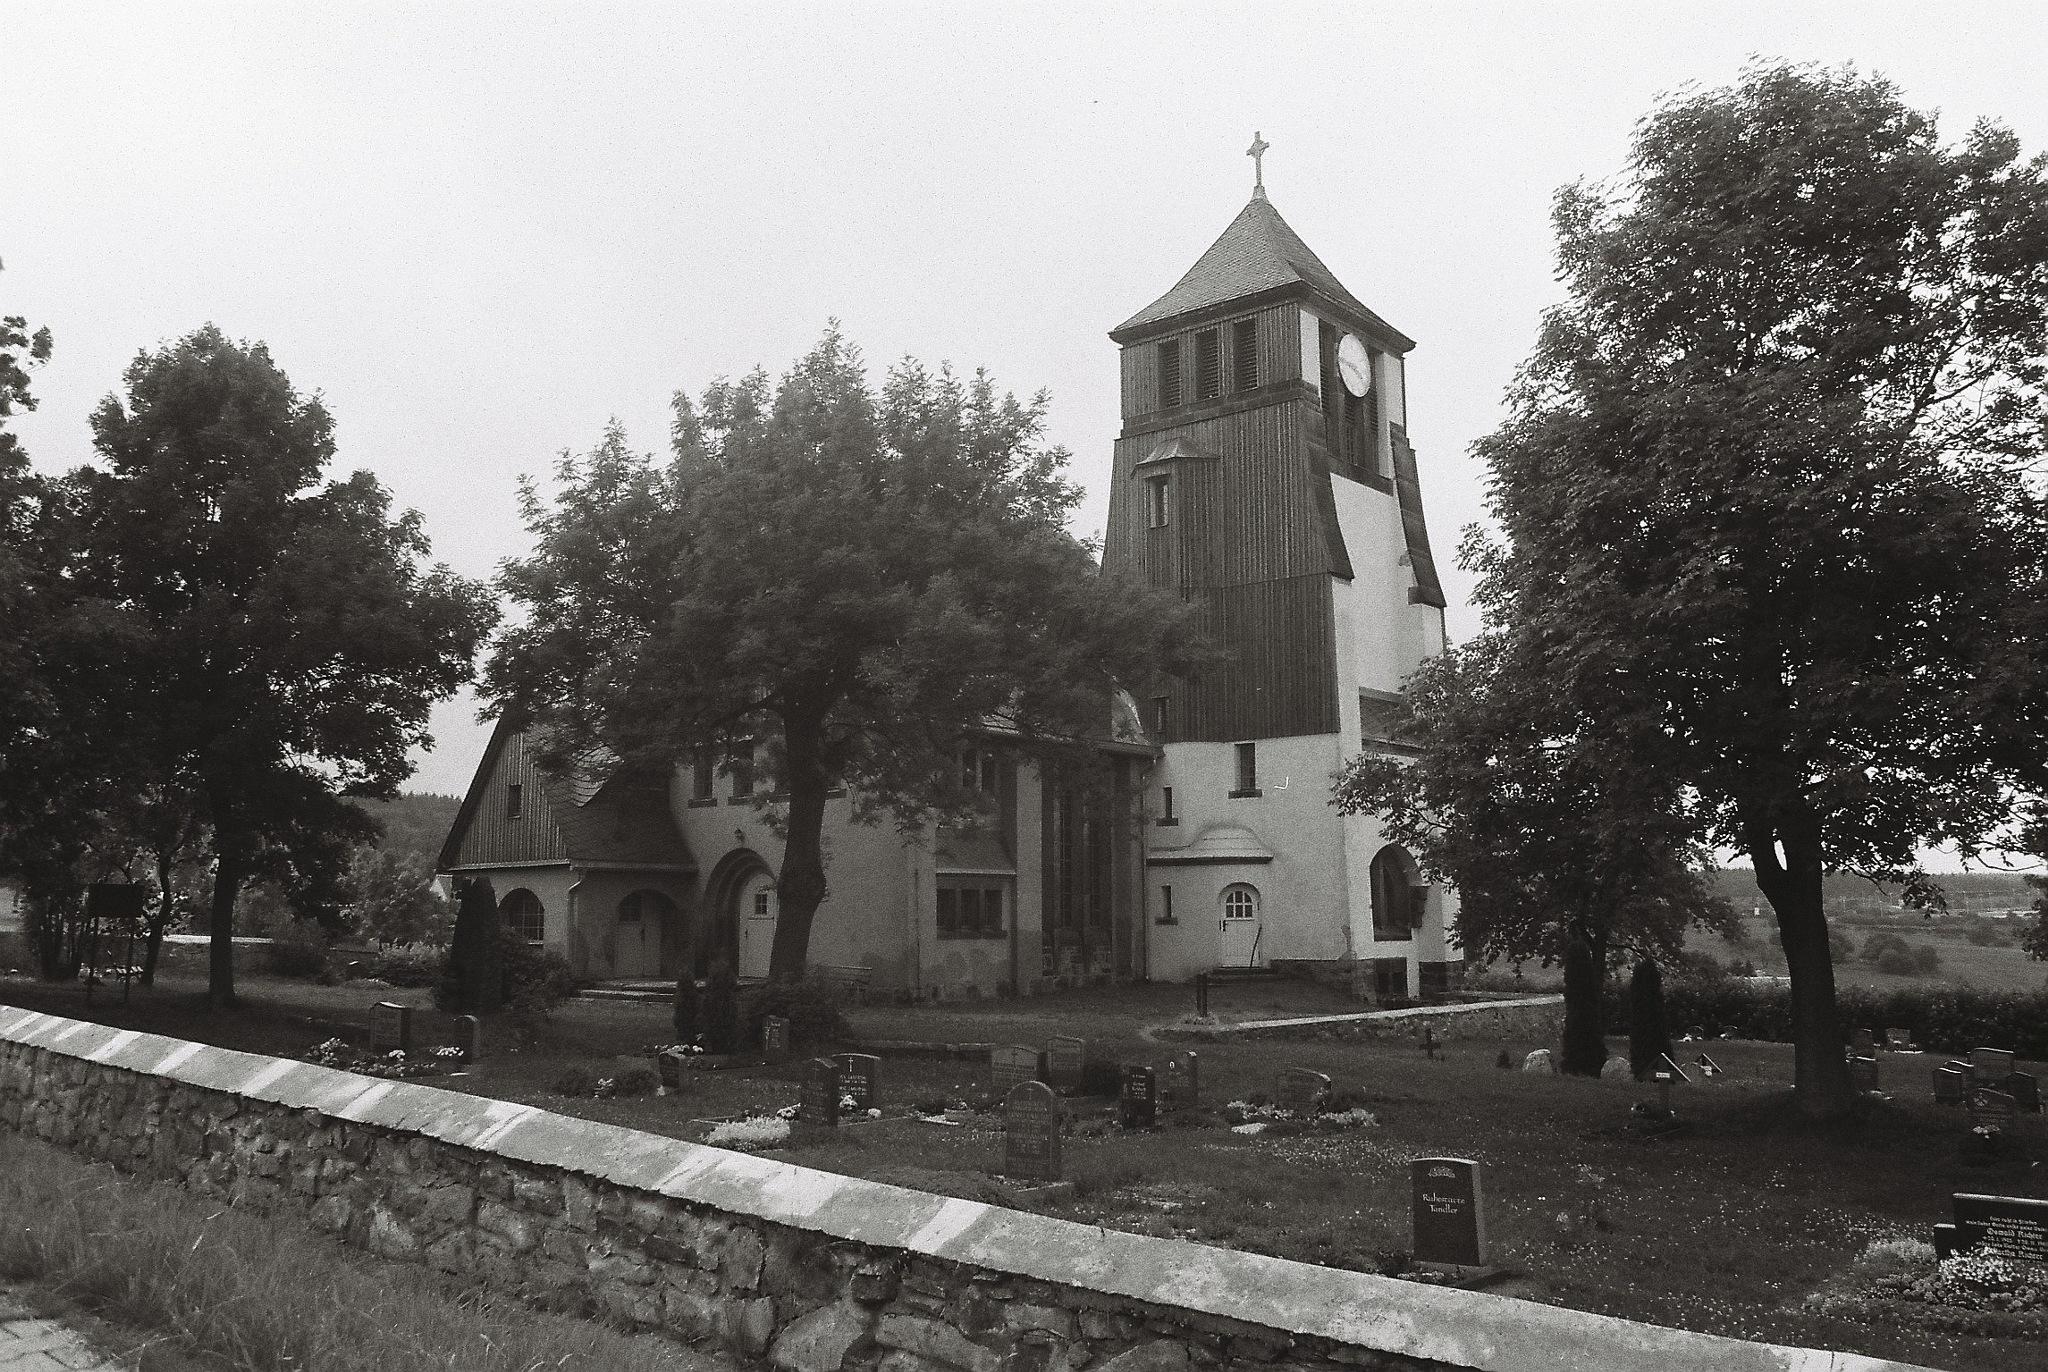 Church by henryvonda